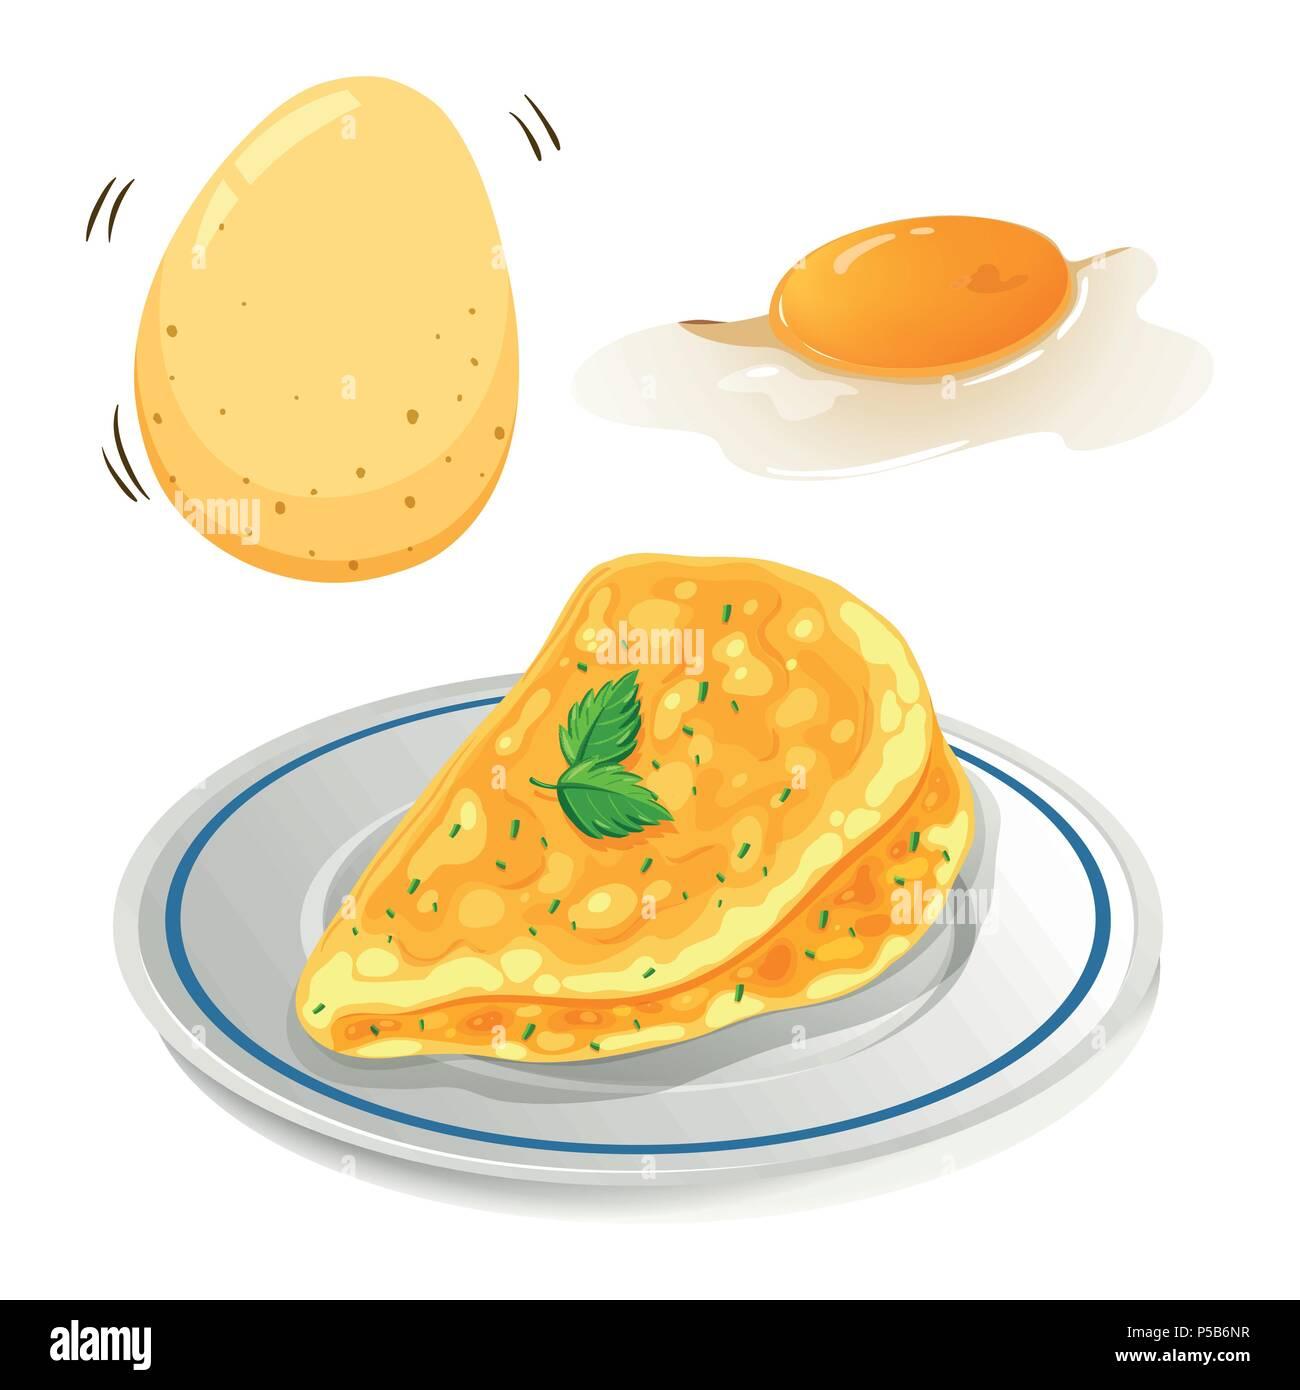 An Omelet on White Background illustration - Stock Vector